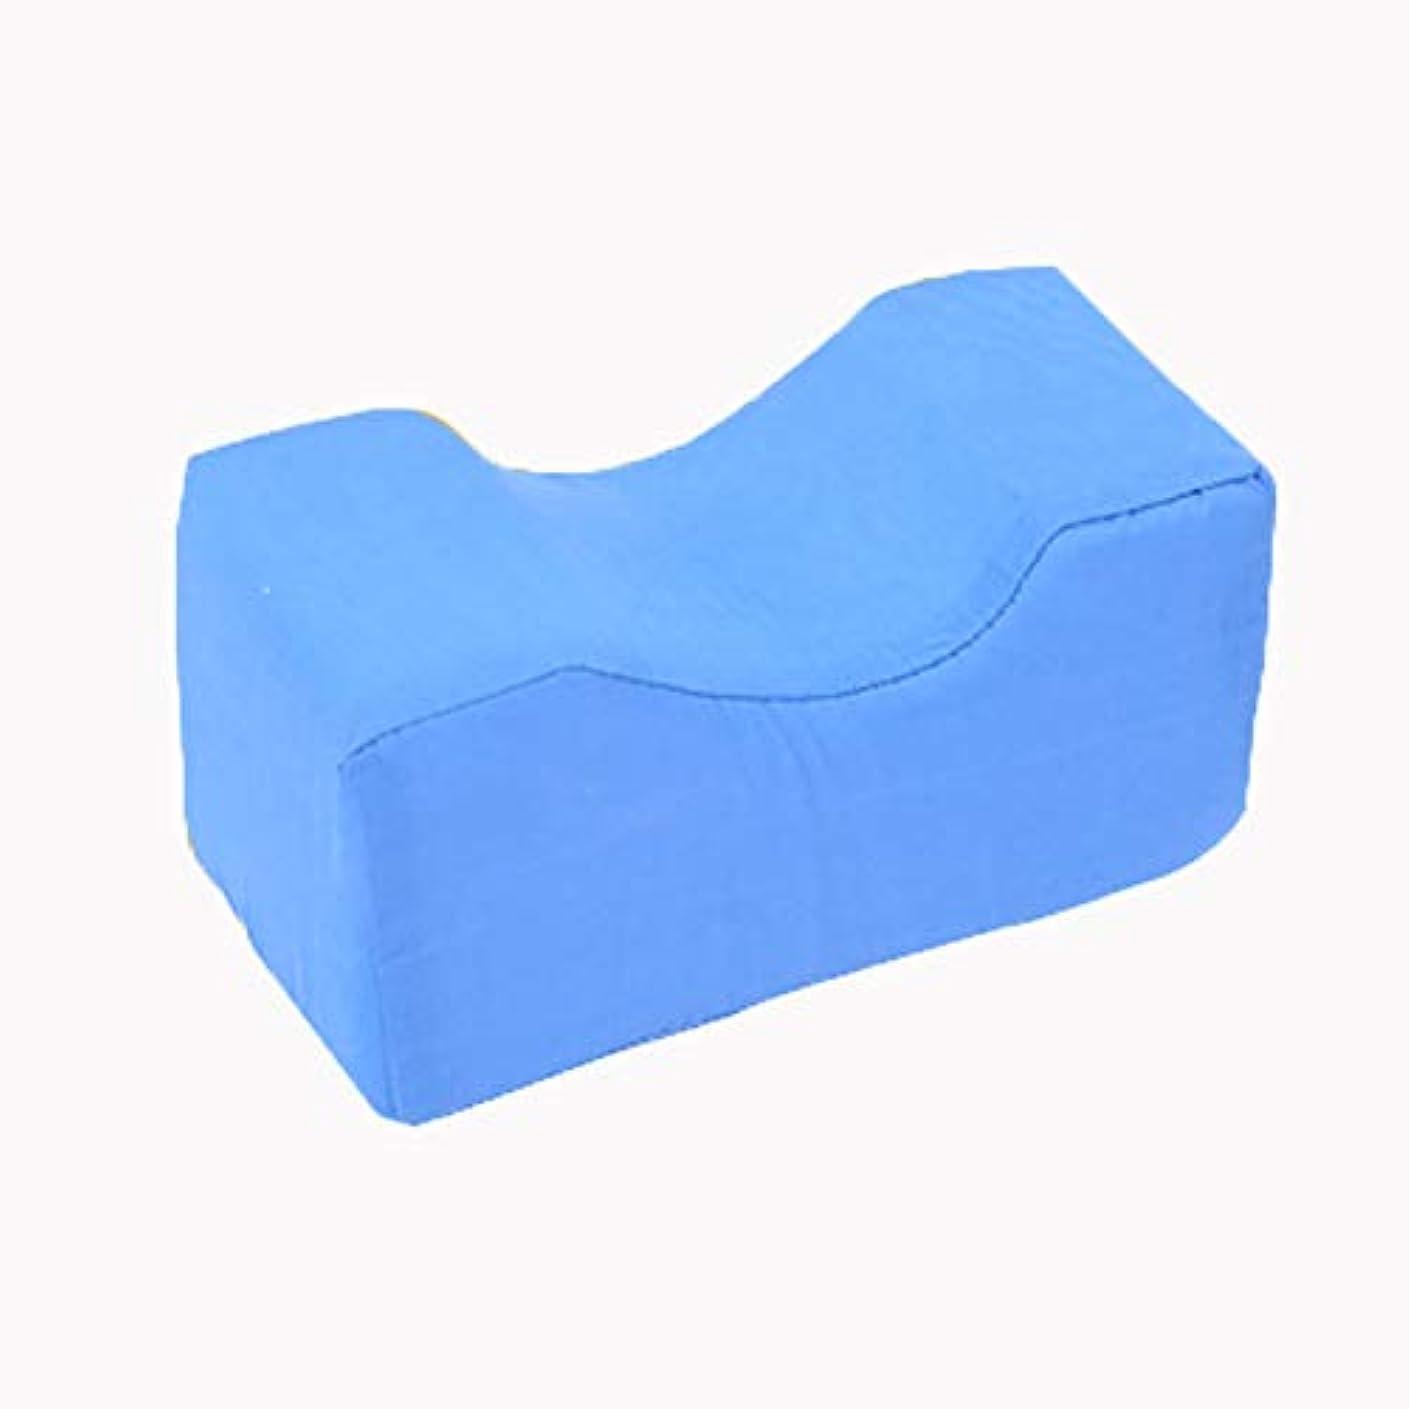 葉巻宗教磁器泡脚リフトパッド、足首サポート、泡脚を覚えやすい、洗えるふた付き、手術、けが、休息のための枕をサポートし、上げる (ブルー)